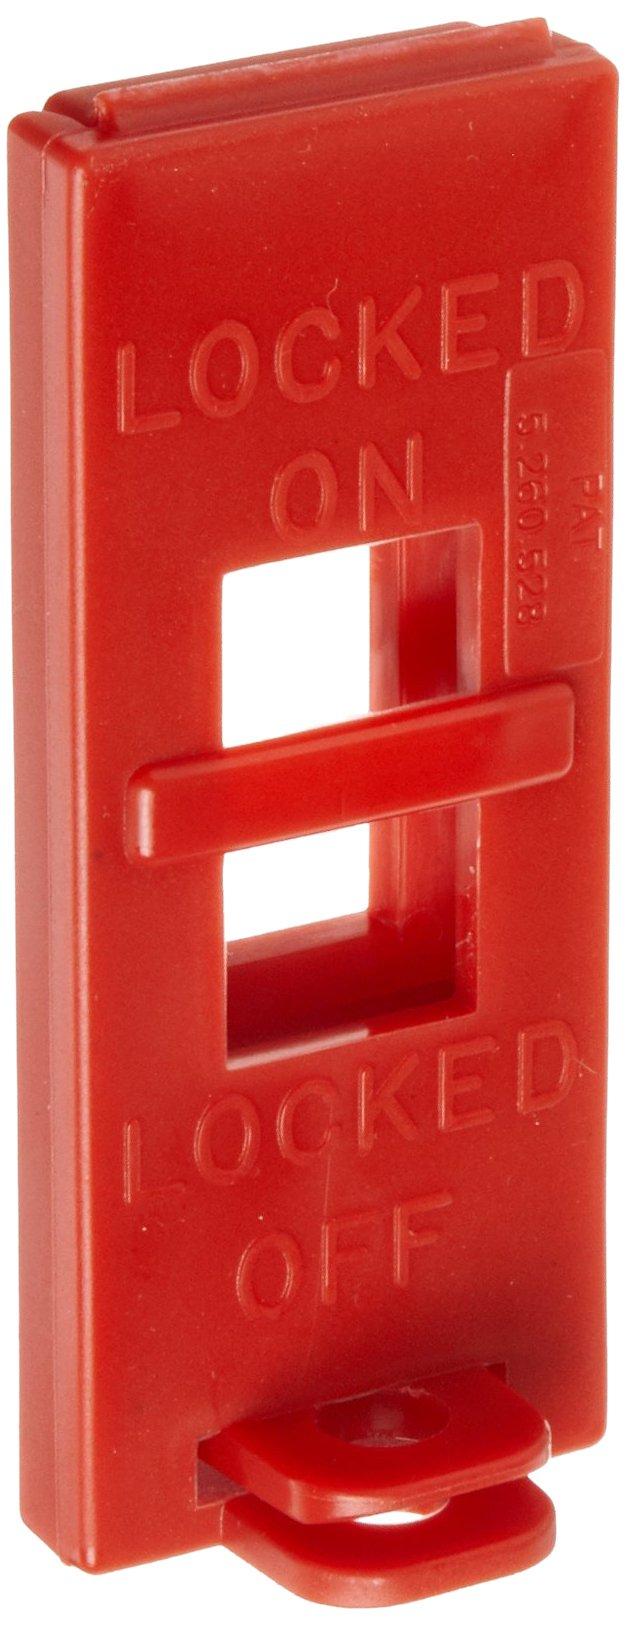 Brady Wall Switch Lockout (Pack of 1) by Brady